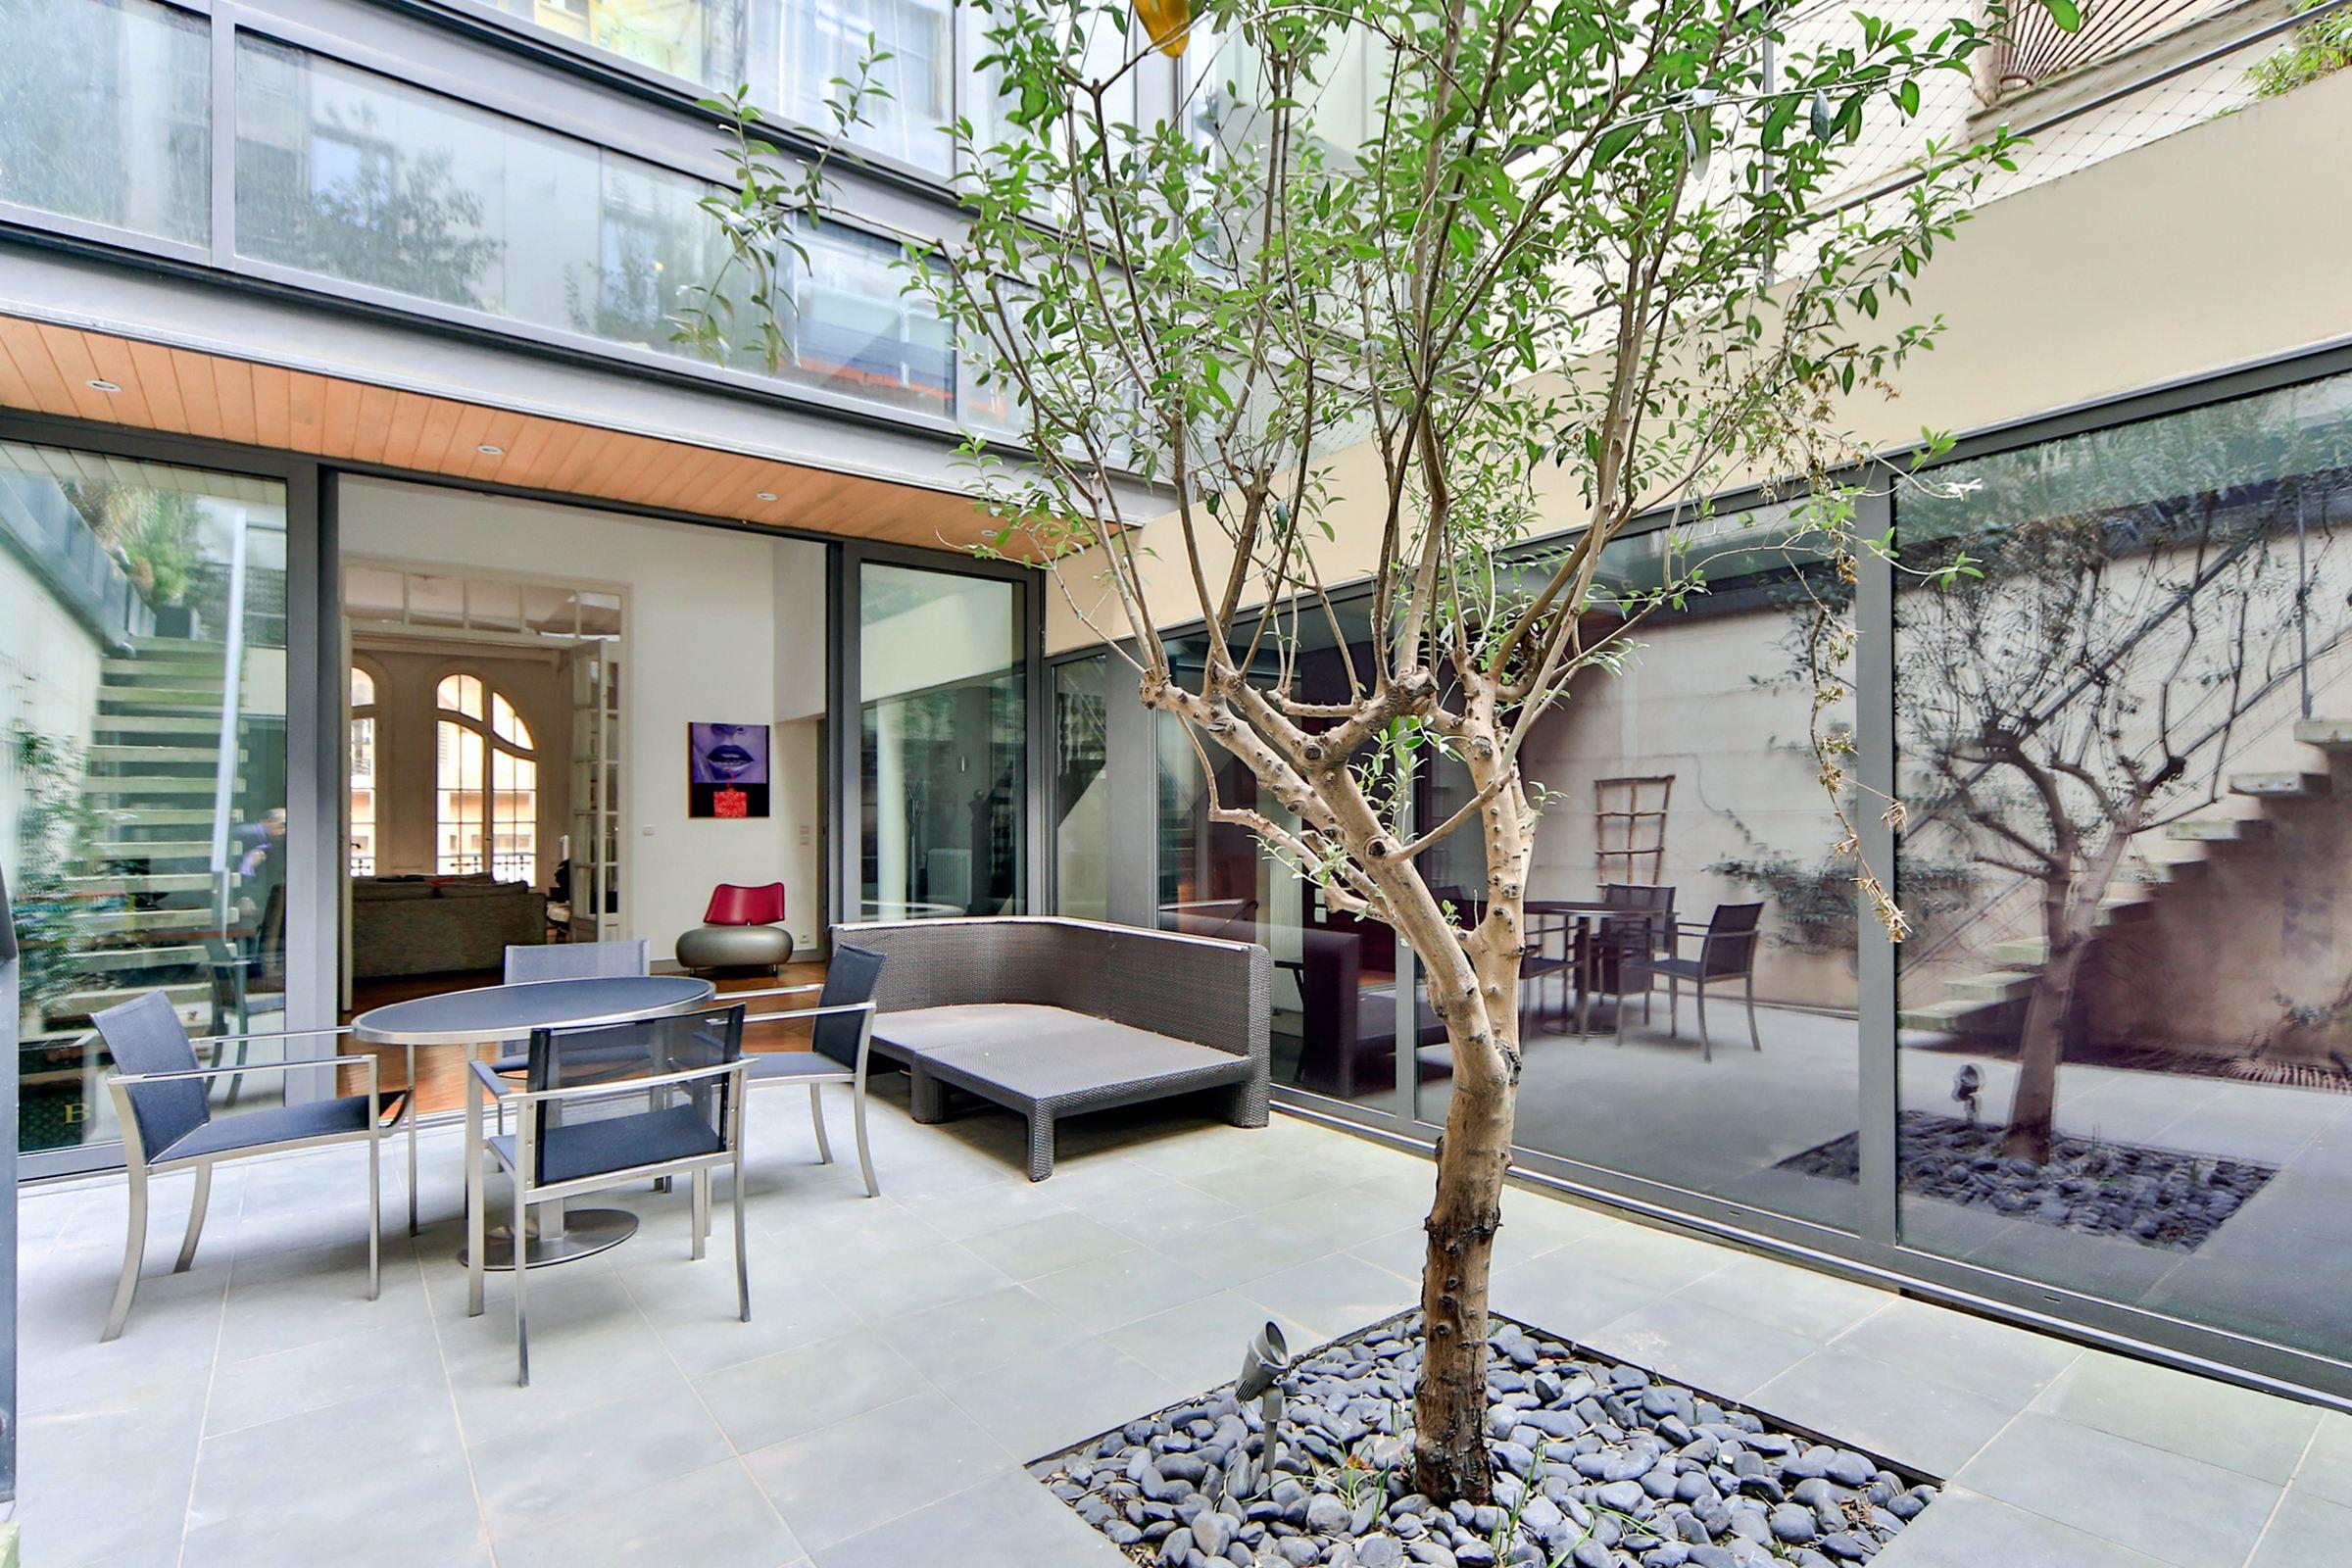 Casa Unifamiliar por un Venta en Paris 17 - Plaine Monceau. A 350 sq.m Private Mansion + patio + terraces Paris, Paris 75017 Francia